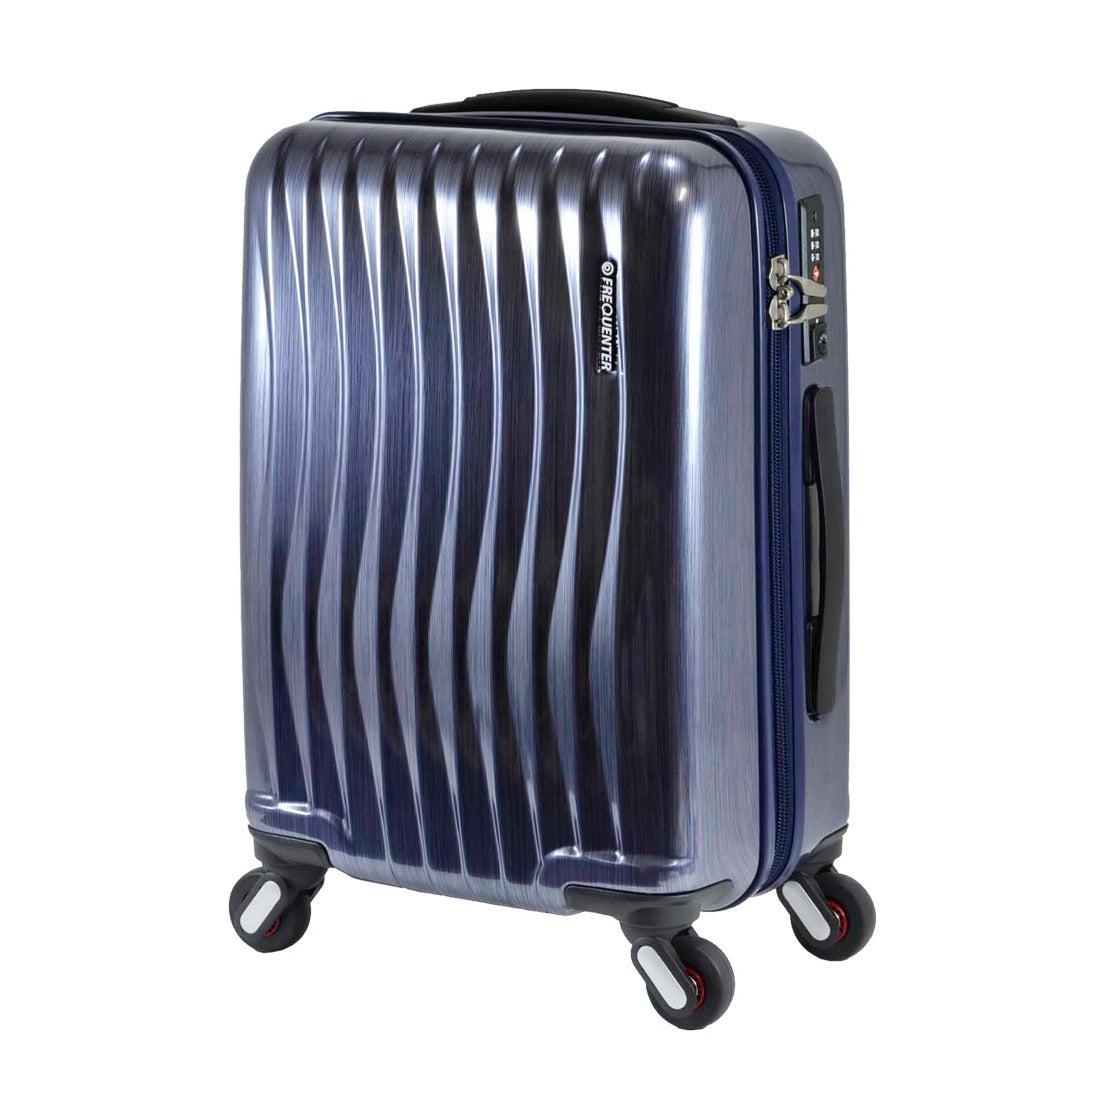 【SAC'S BAR】FREQUENTER フリクエンター WAVE スーツケース 1-621-58 58cm ヘアラインネイビー メンズ